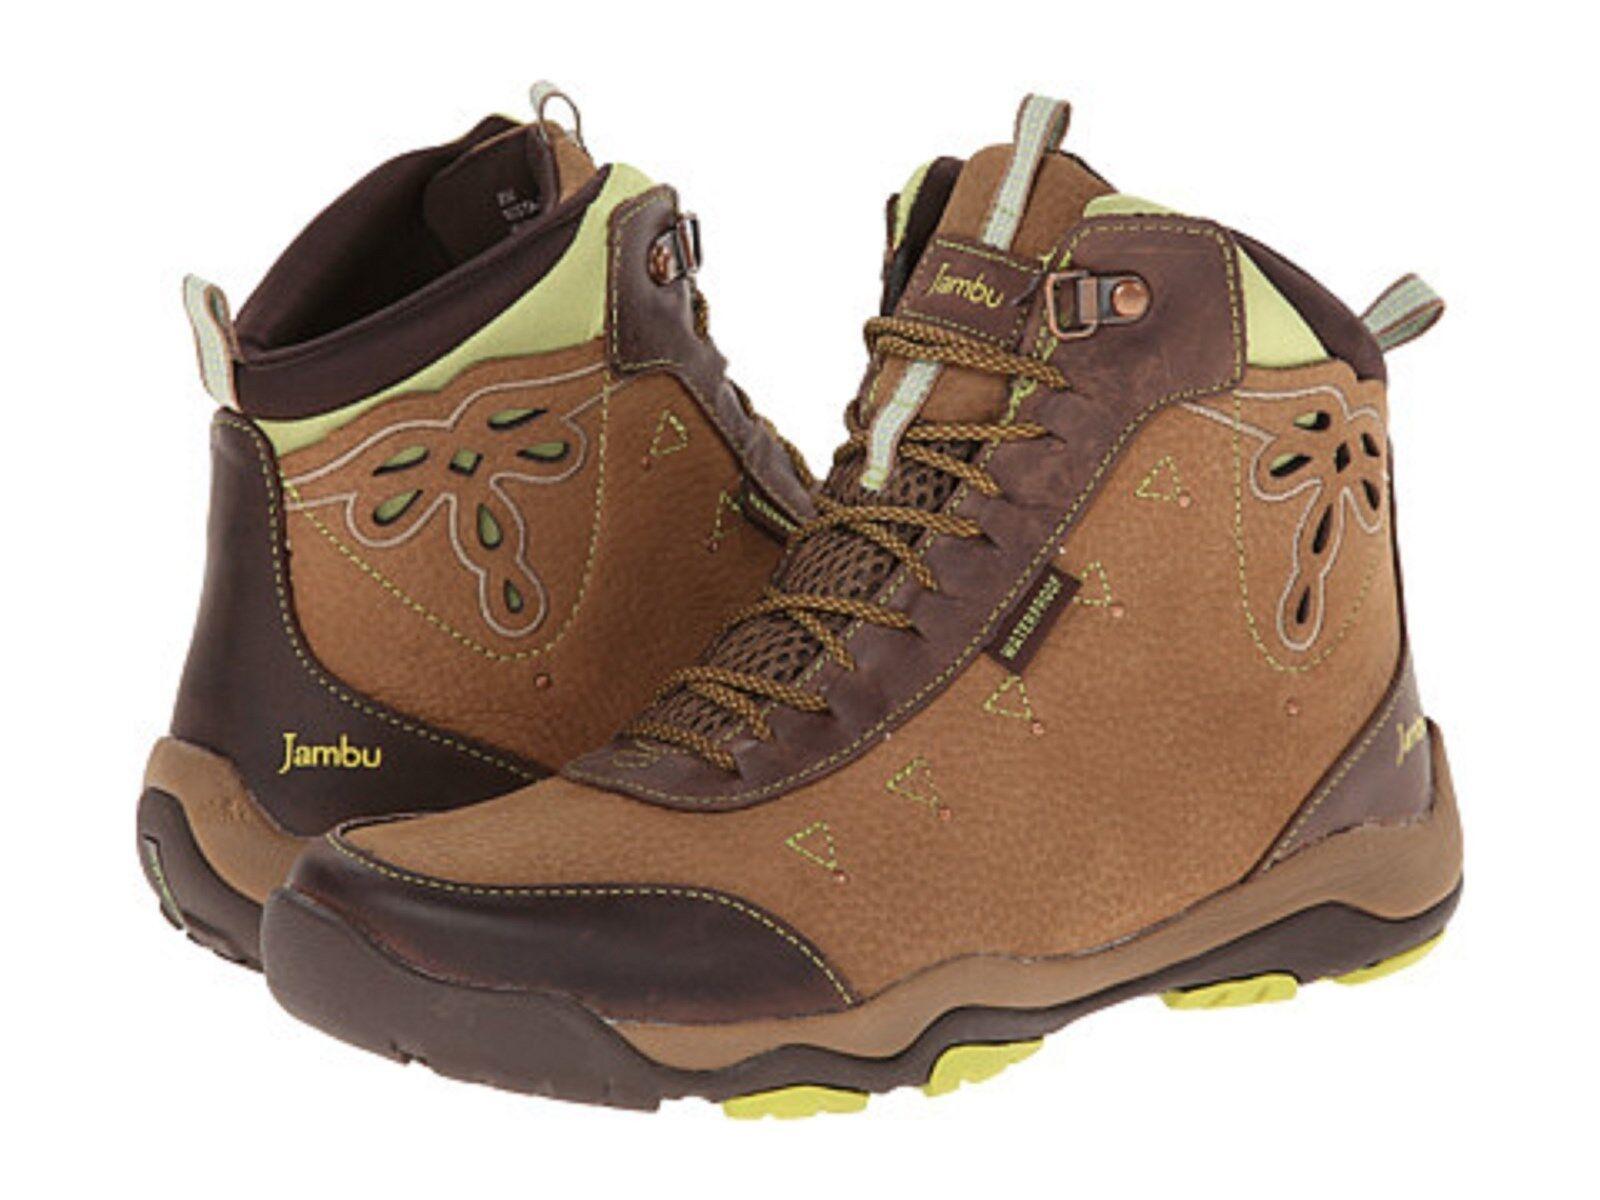 New Jambu Women's Vista-Hyper Grip Waterproof Boots size 8